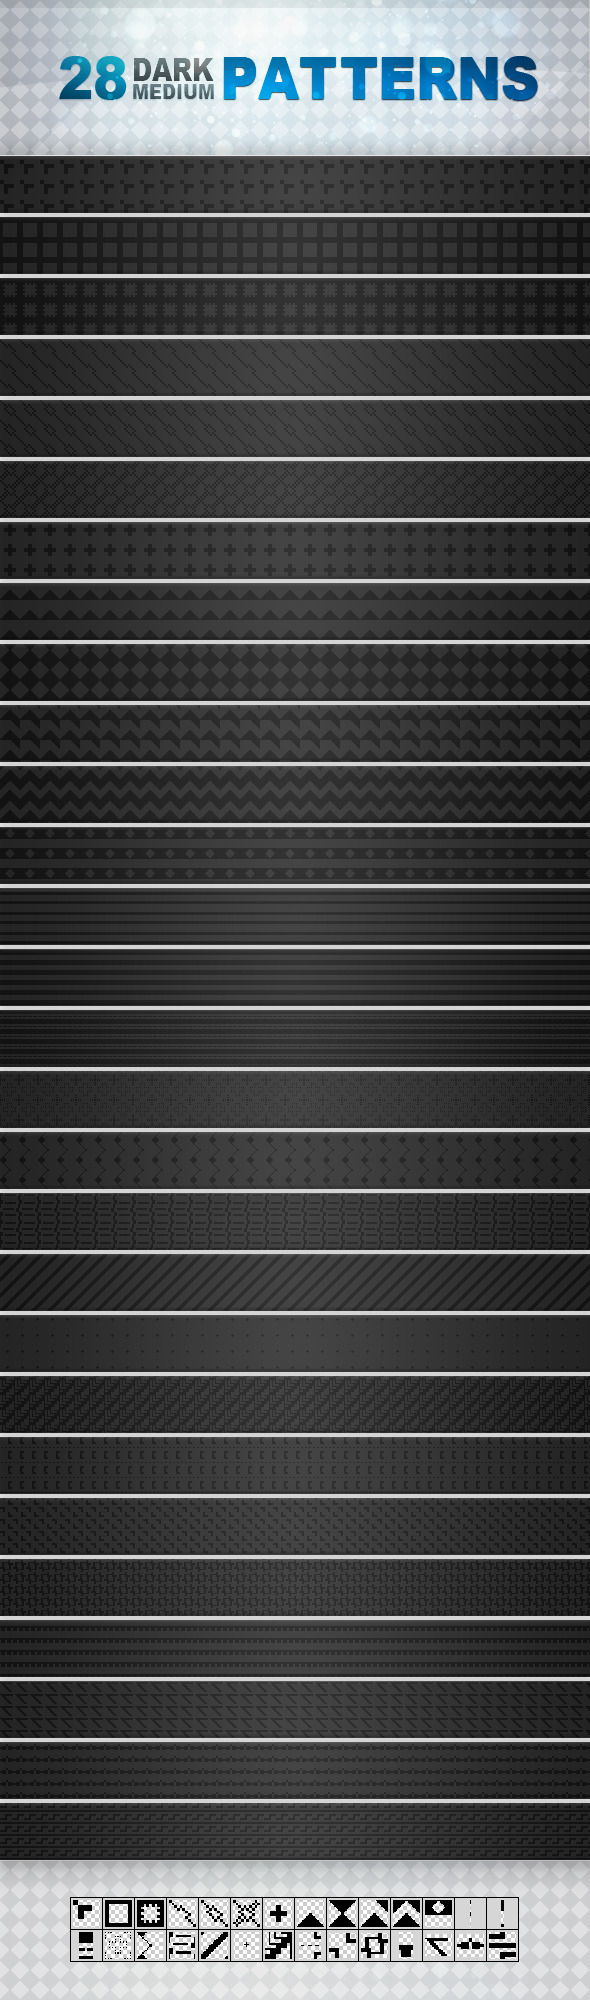 28 Dark Medium Patterns - Textures / Fills / Patterns Photoshop